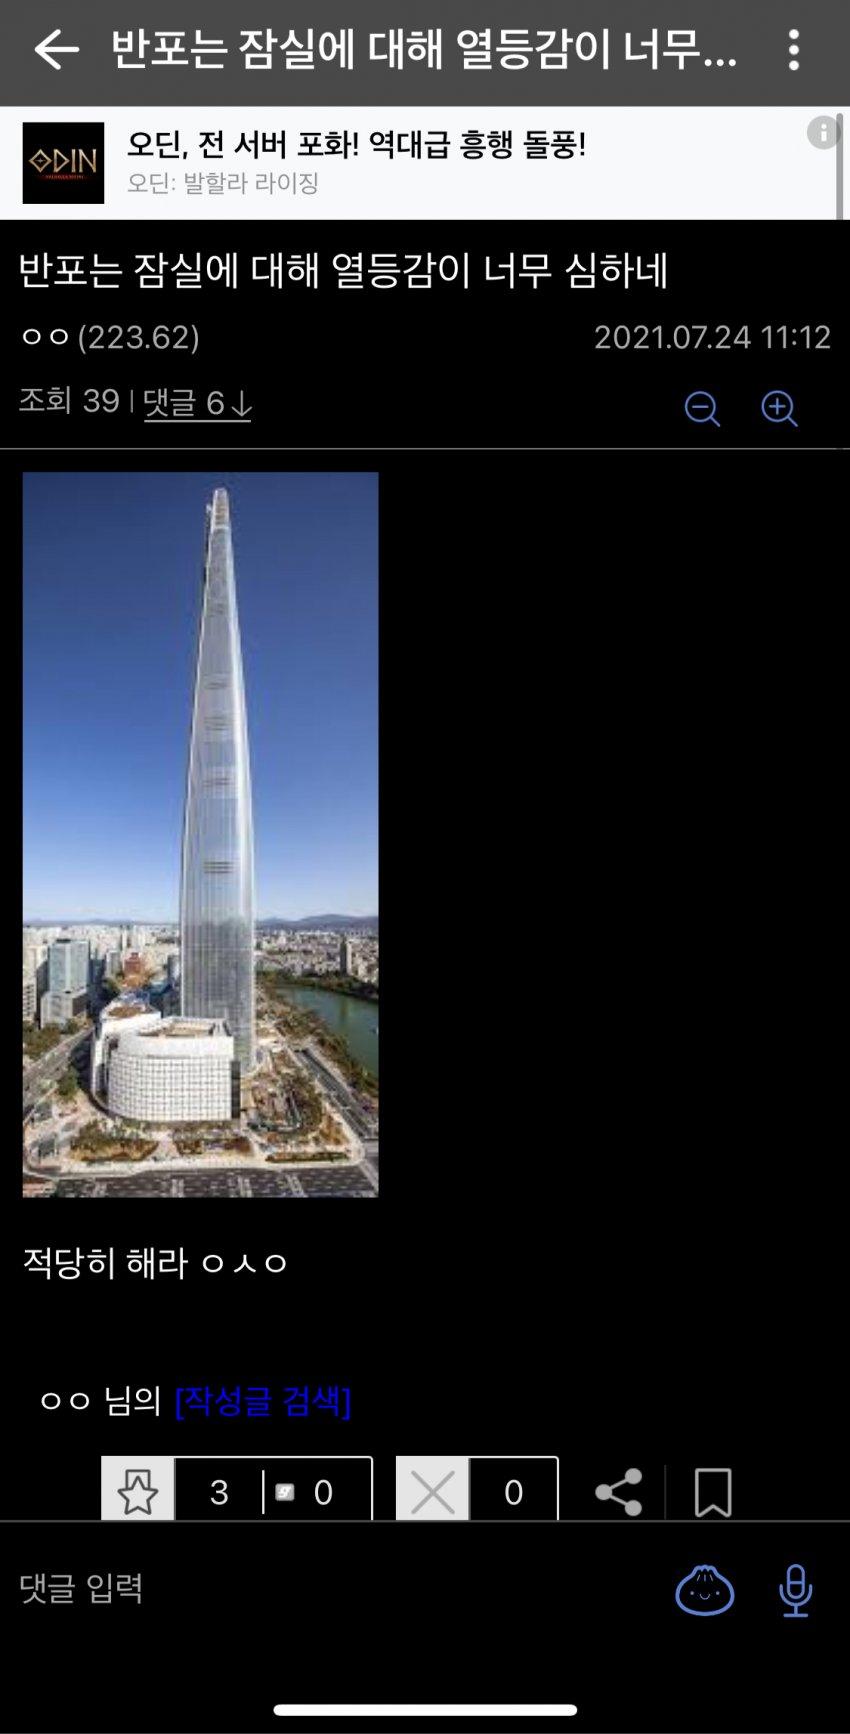 viewimage.php?id=24b0dd29f3d33aaa6bac&no=24b0d769e1d32ca73ceb86fa11d02831eebc6c37c2fa034916fac403212105e3582dc8f8f50c061a453fe5295889ec6bbfd2df0140e5f042ac2b22f65d094841d4032ac741077b2ed0c4f31b7932382bb7274ba05571d08286a14dd14a460379bad1e66a059cb514f122